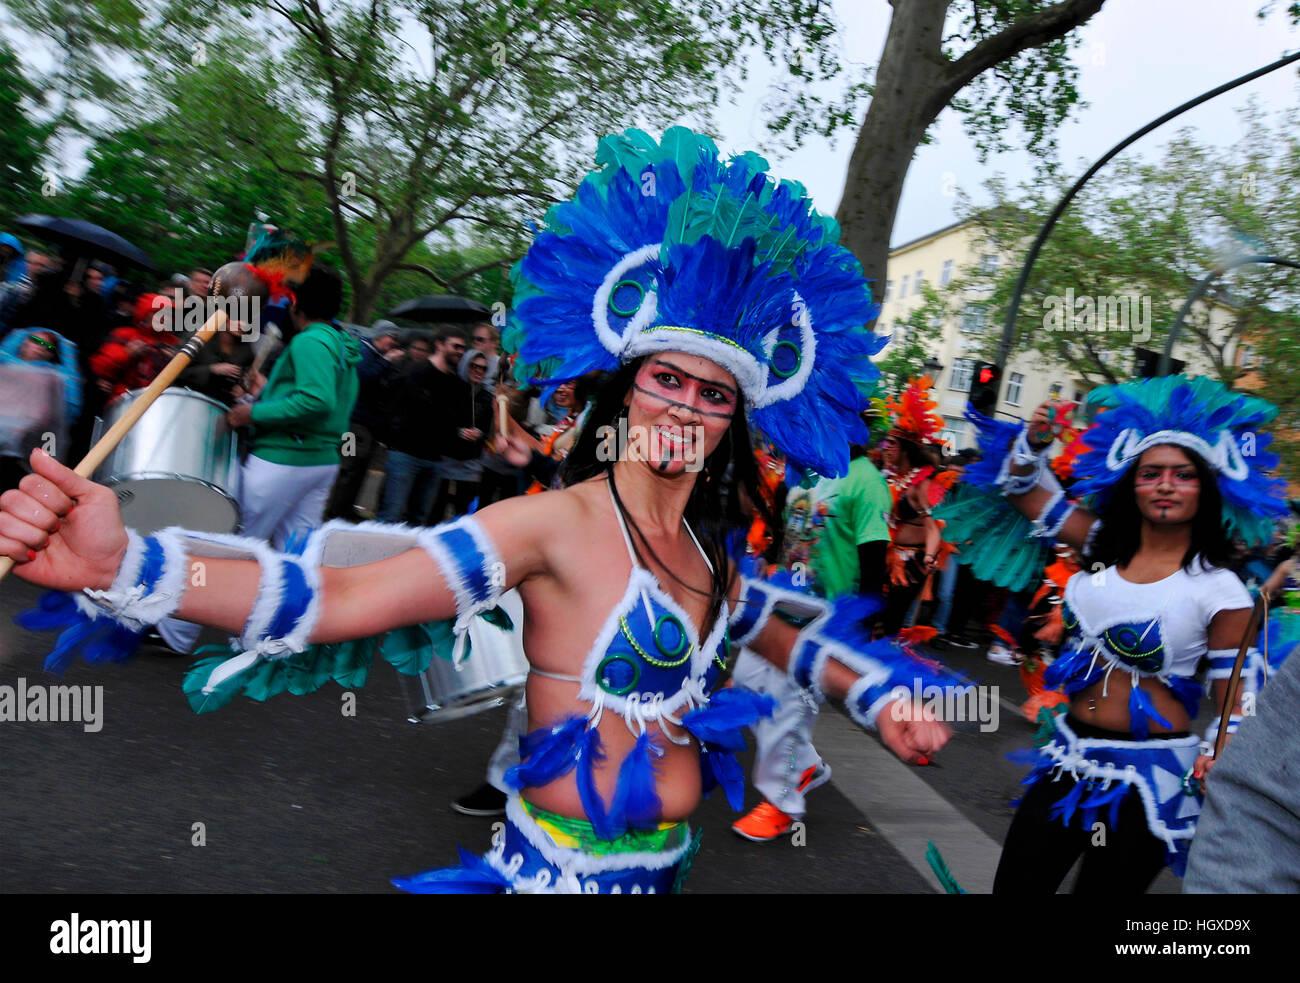 Indianer, Karneval der Kulturen, Kreuzberg, Berlin, Deutschland Stockbild